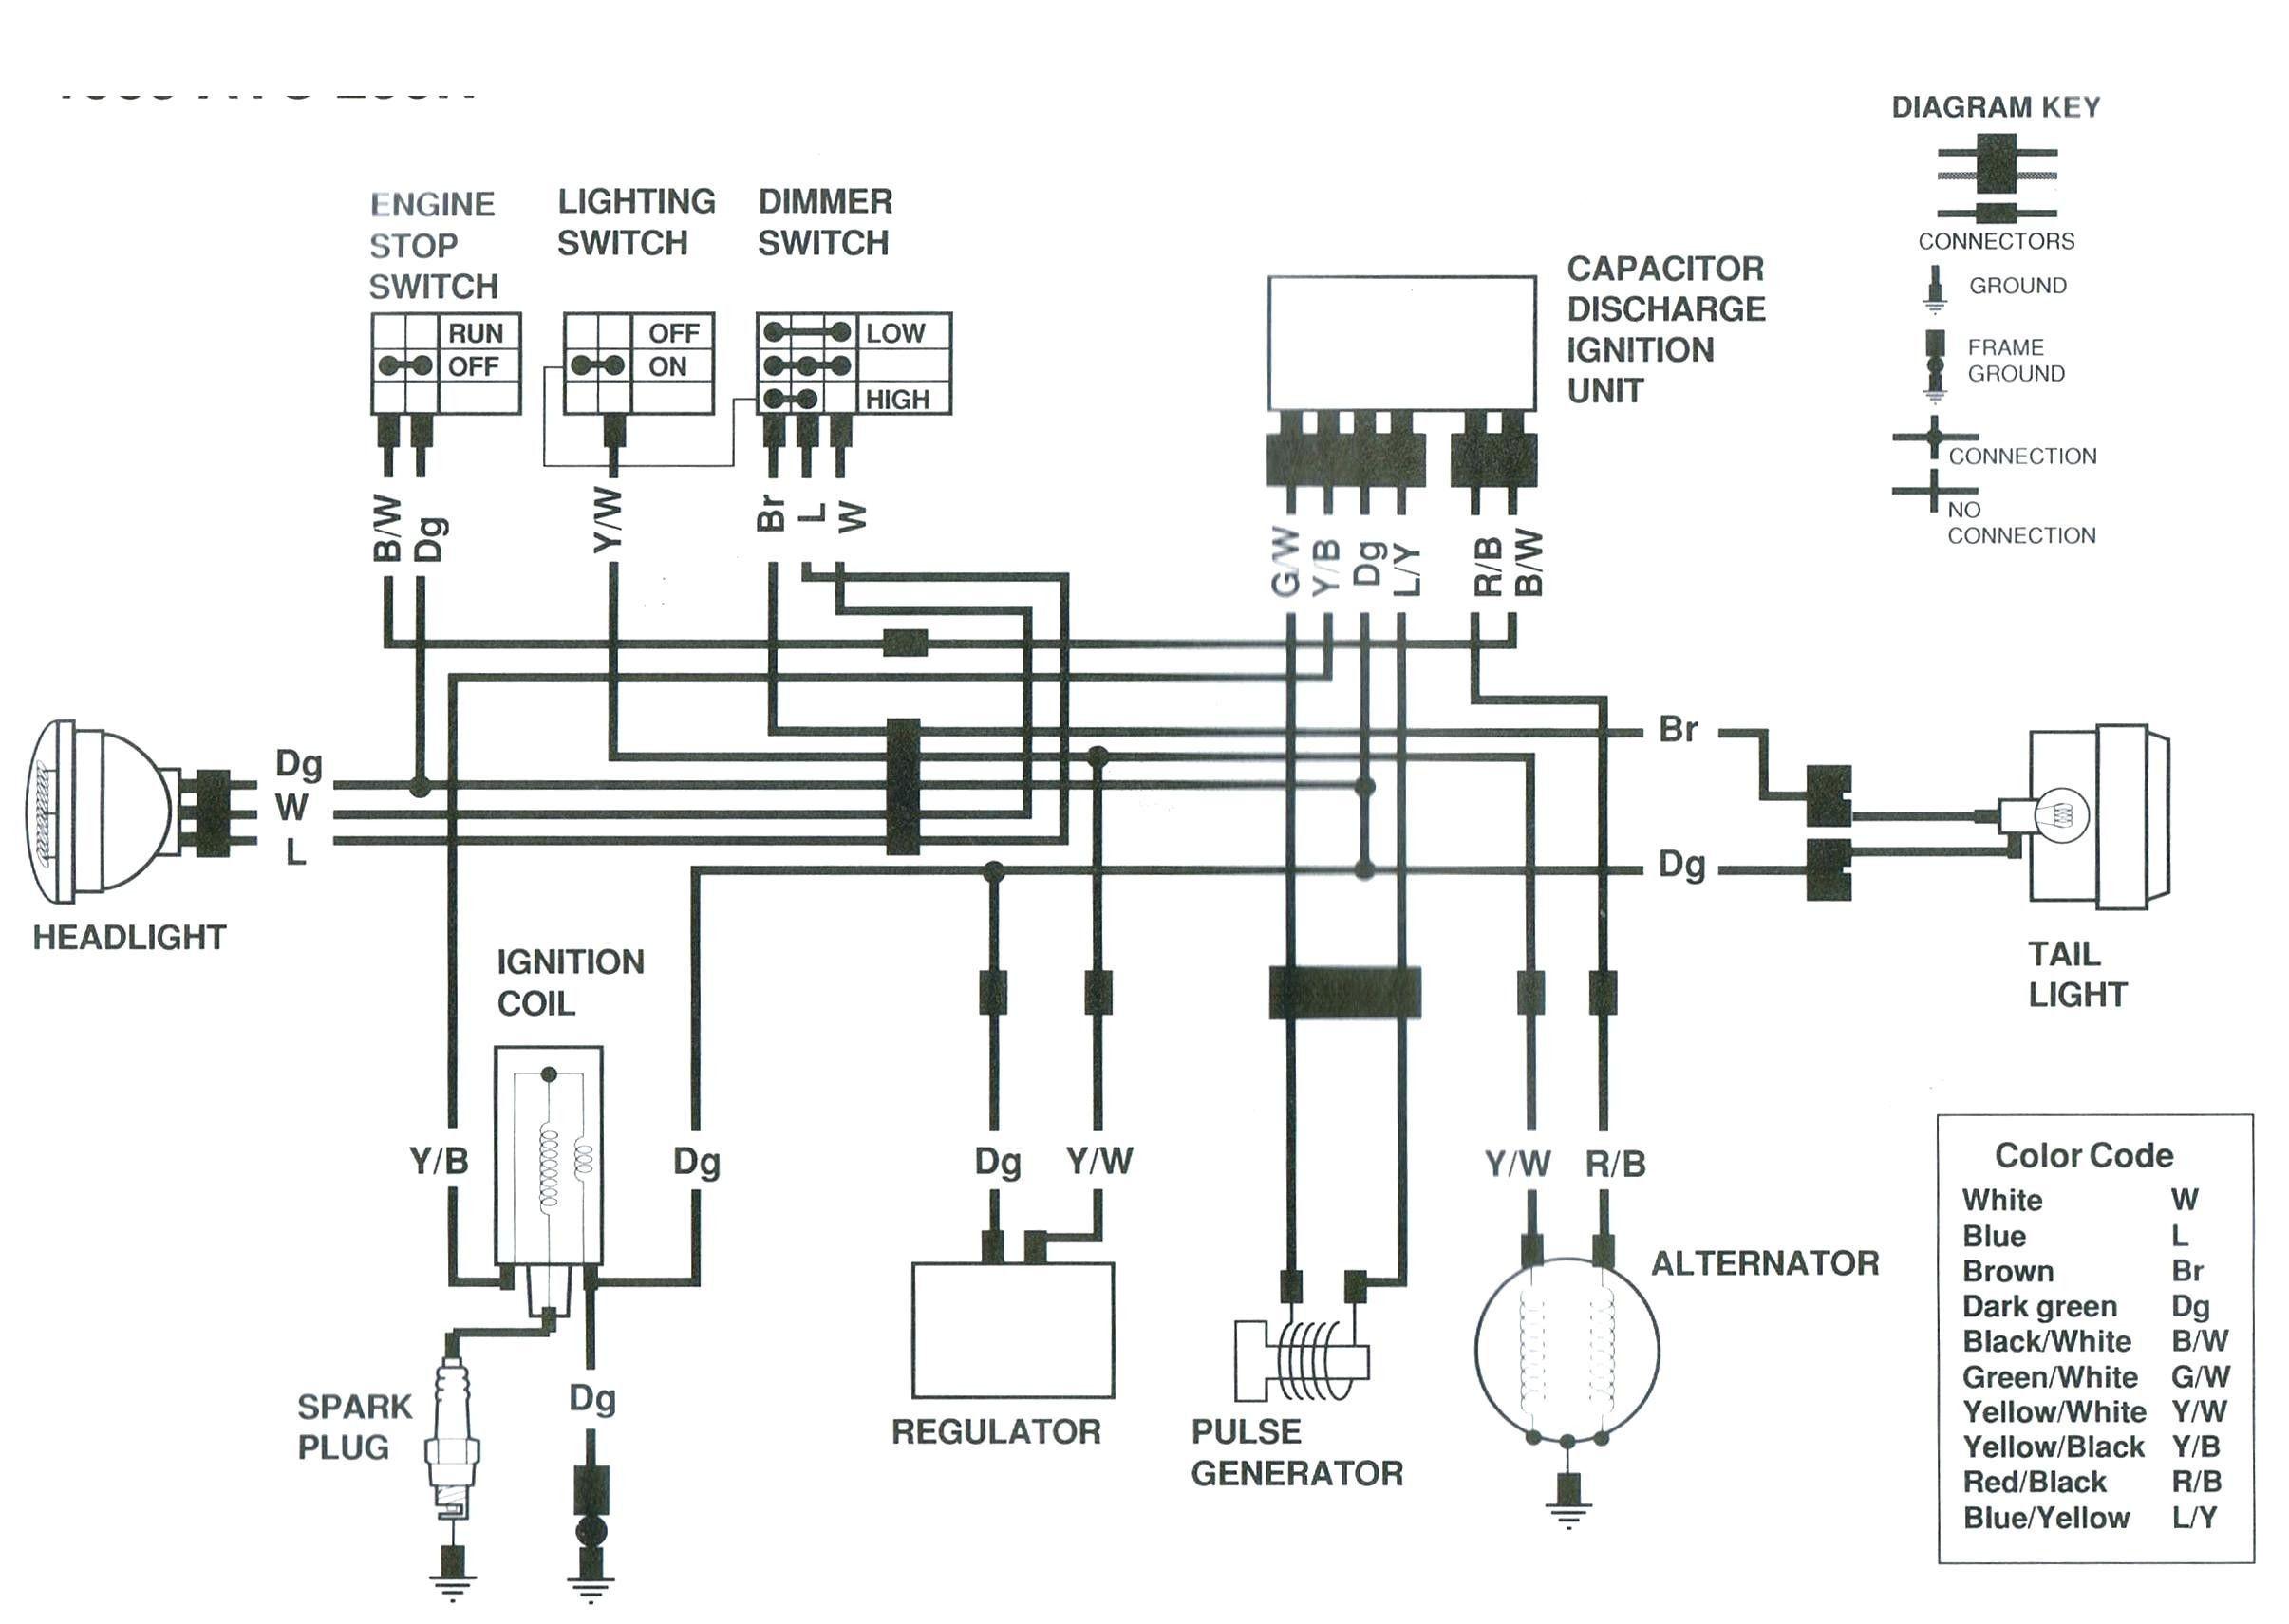 Lovely Astra H Wiring Diagram Towbar Diagrams Digramssample Diagramimages Wiringdiagramsample Wiringdi Electrical Wiring Diagram Motorcycle Wiring Diagram